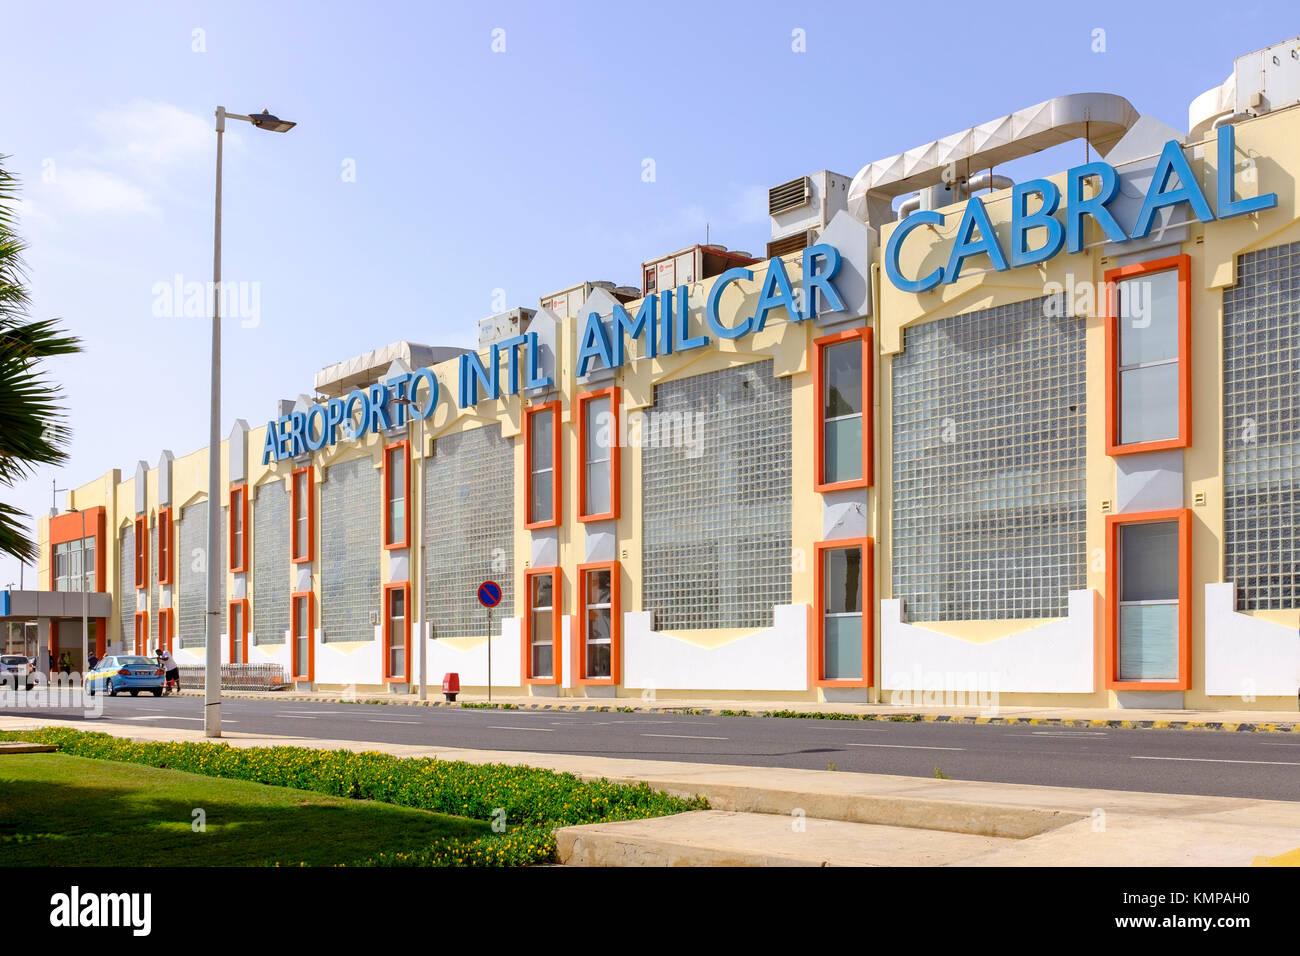 El exterior del aeropuerto internacional Amilcar Cabral, Cabo Verde, África Imagen De Stock